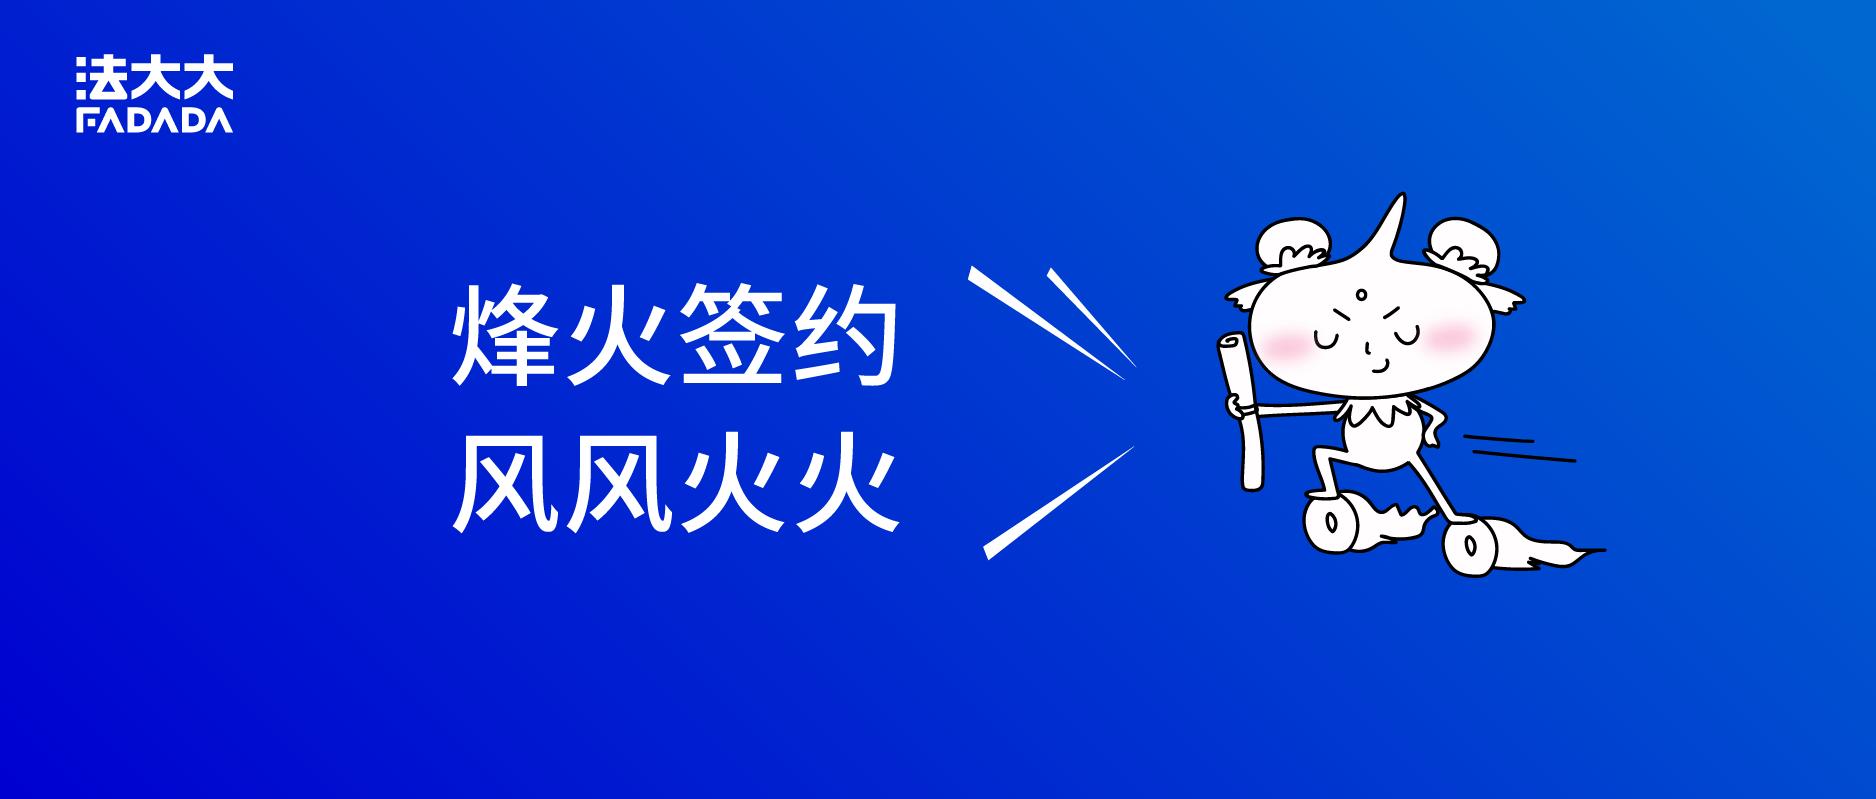 """信息通信巨头""""烽火通信""""启动法大大电子签章项目"""